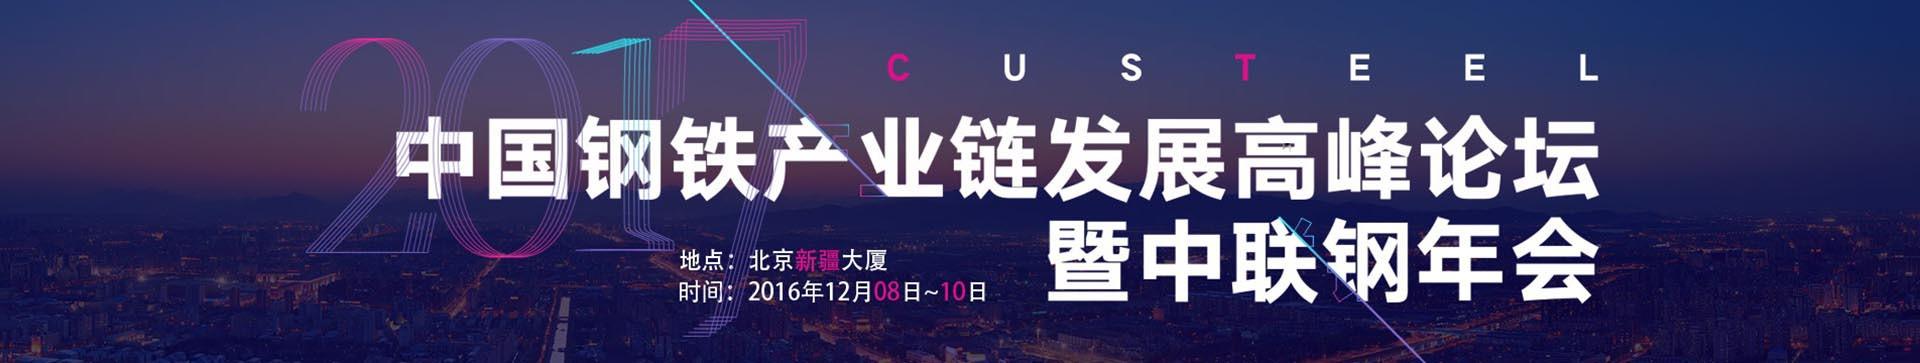 2017年中国钢铁产业链发展高峰论坛暨中联钢年会